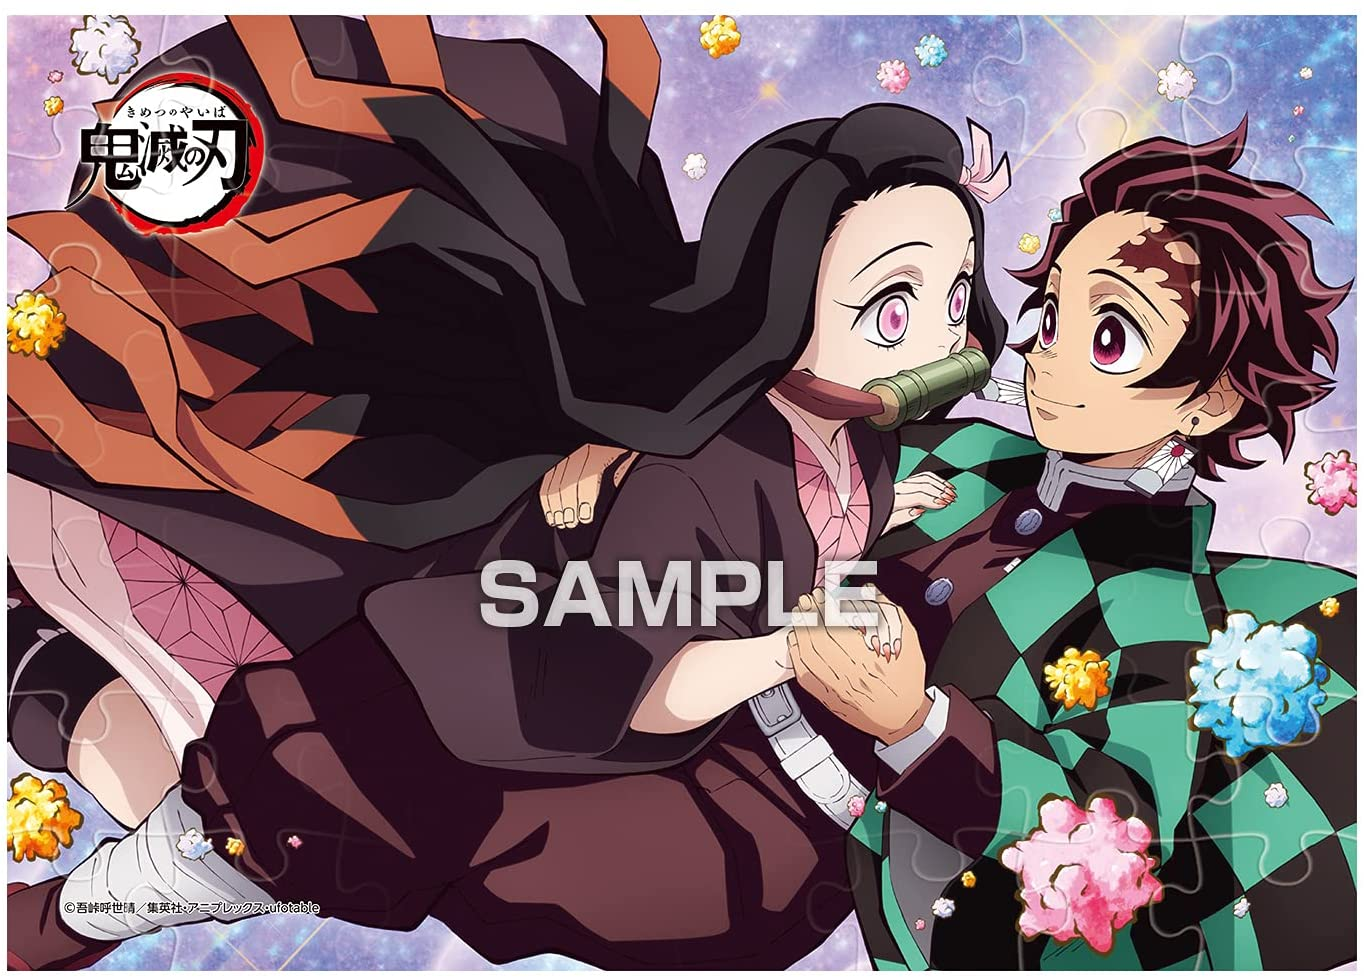 【食玩】鬼滅の刃『鬼滅の刃 パズルガム2』8個入りBOX-002